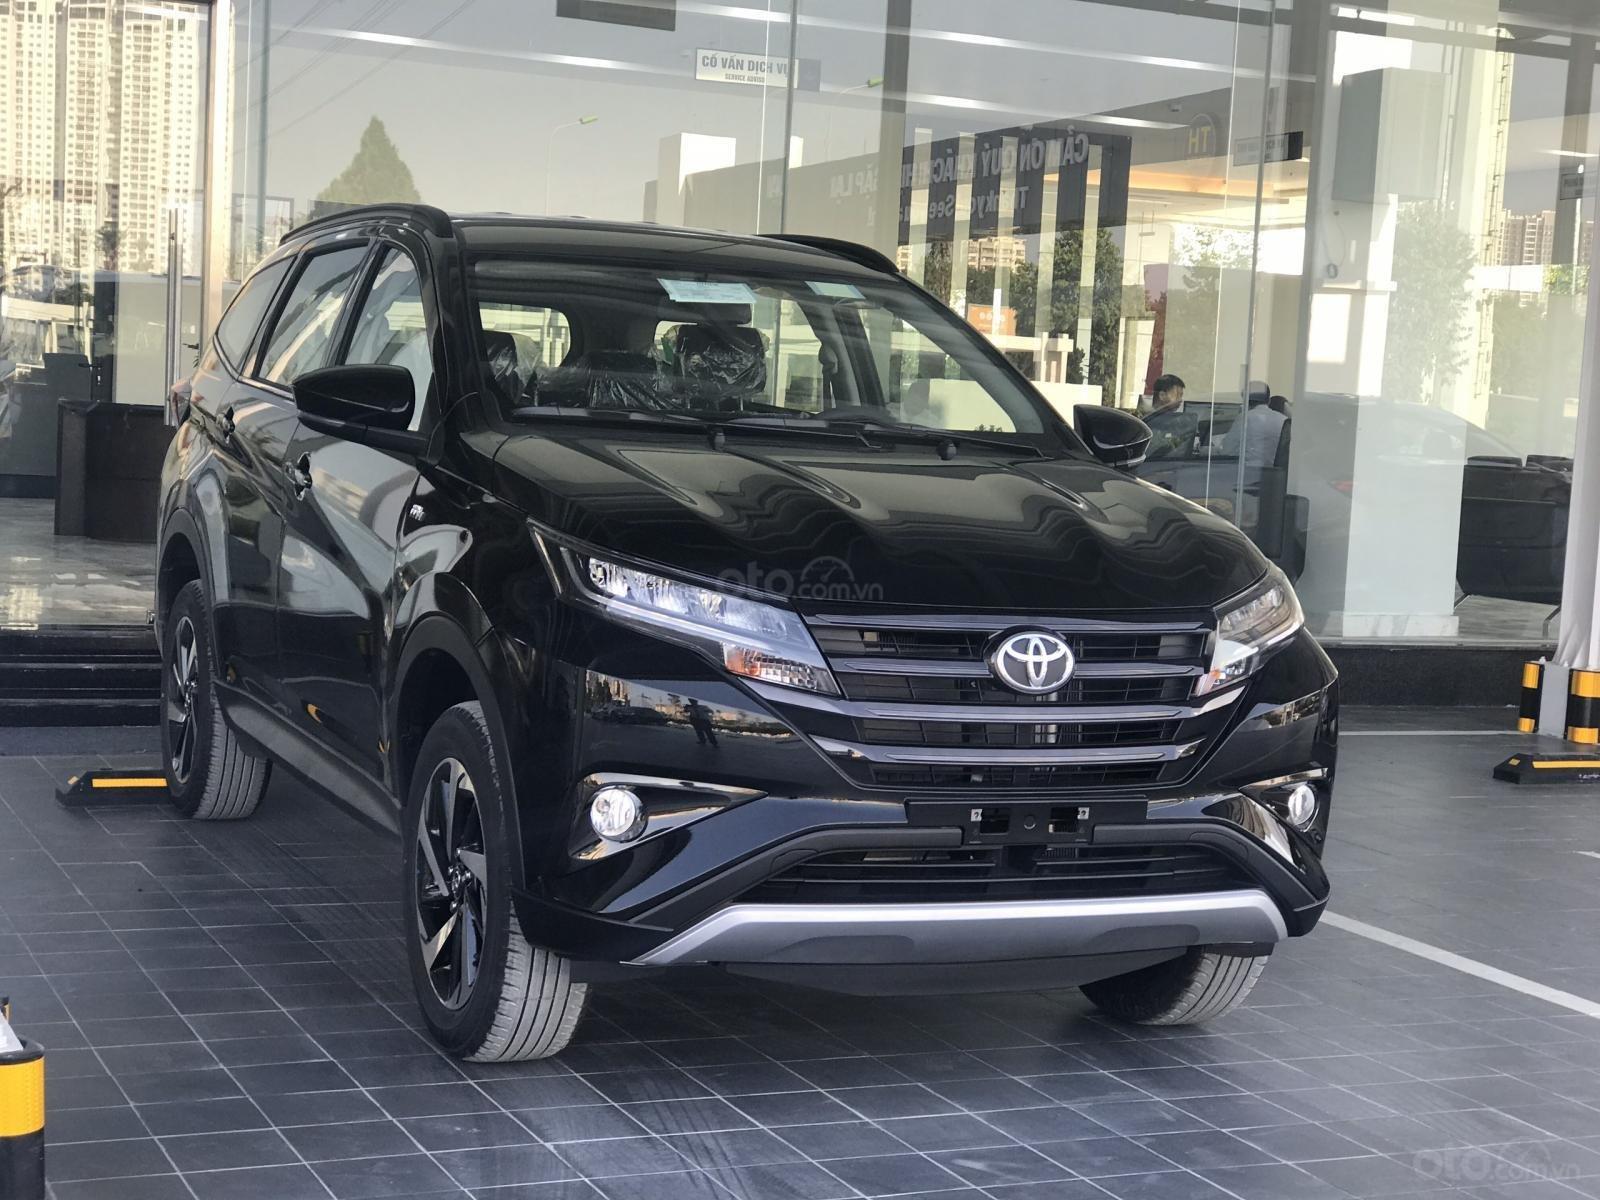 Toyota Rush nhập khẩu Indo mới 100% 2019 còn rất ít xe. Hỗ trợ trả góp từ 5tr/tháng, LH Lộc 0942.456.838 (2)